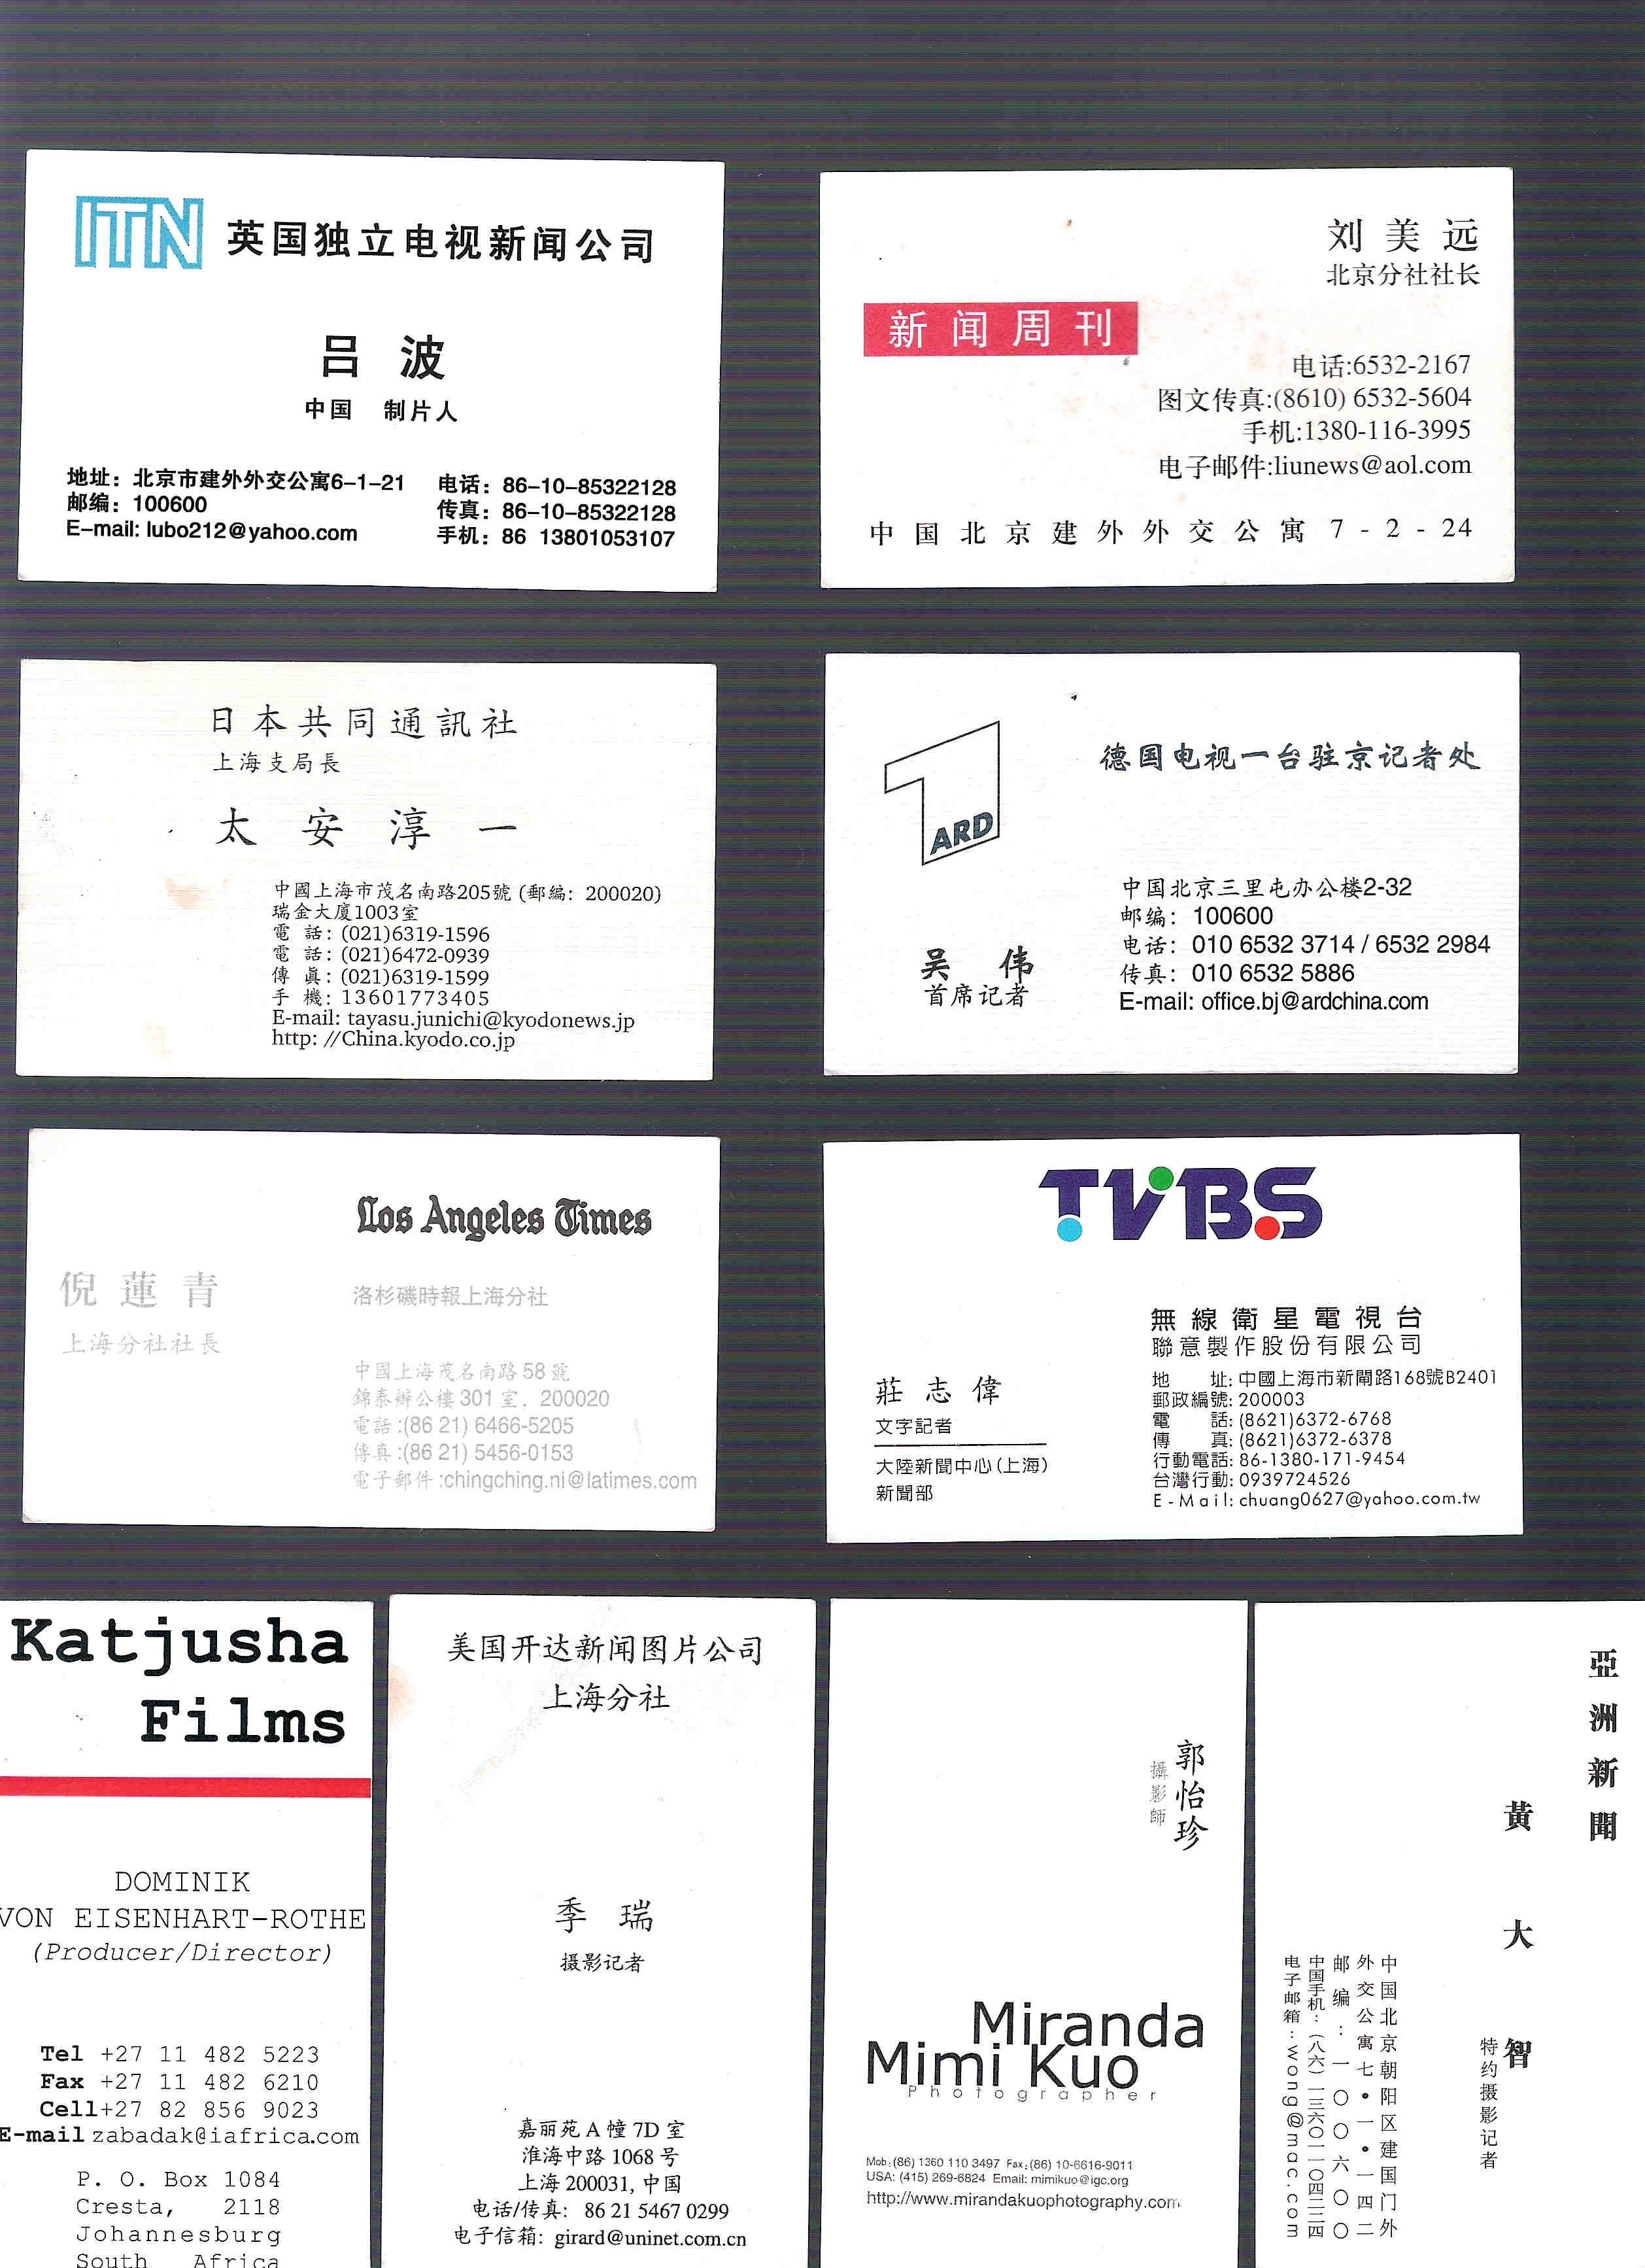 上海市私家侦探公司_上海有私人侦探公司_上海侦探公司信义调查